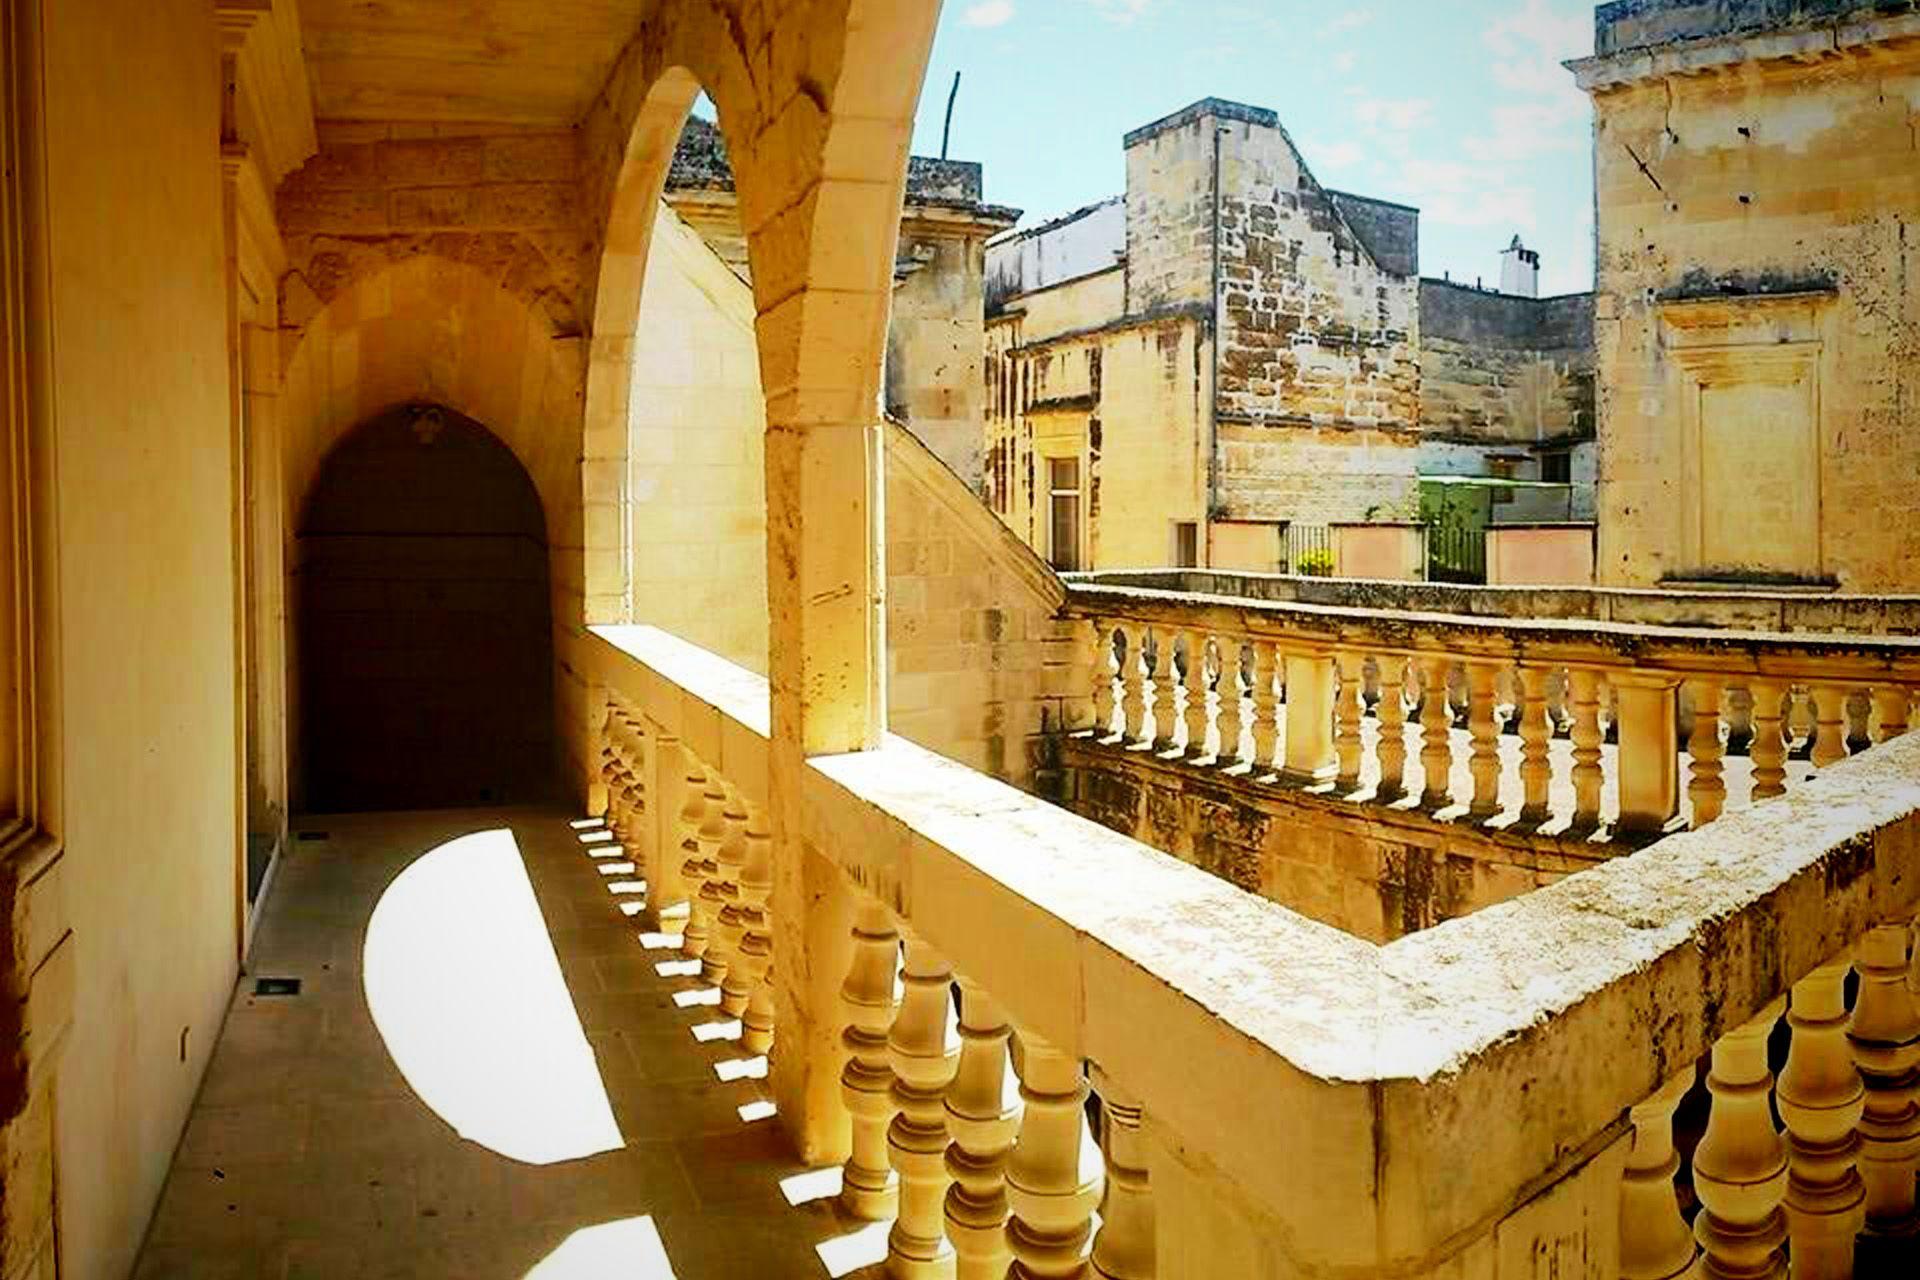 apulia-slow-travel-lecce-barocco-barouque-barock-pietra leccese-limestone-apulia-puglia-apulien-loggia-lichthof-light well